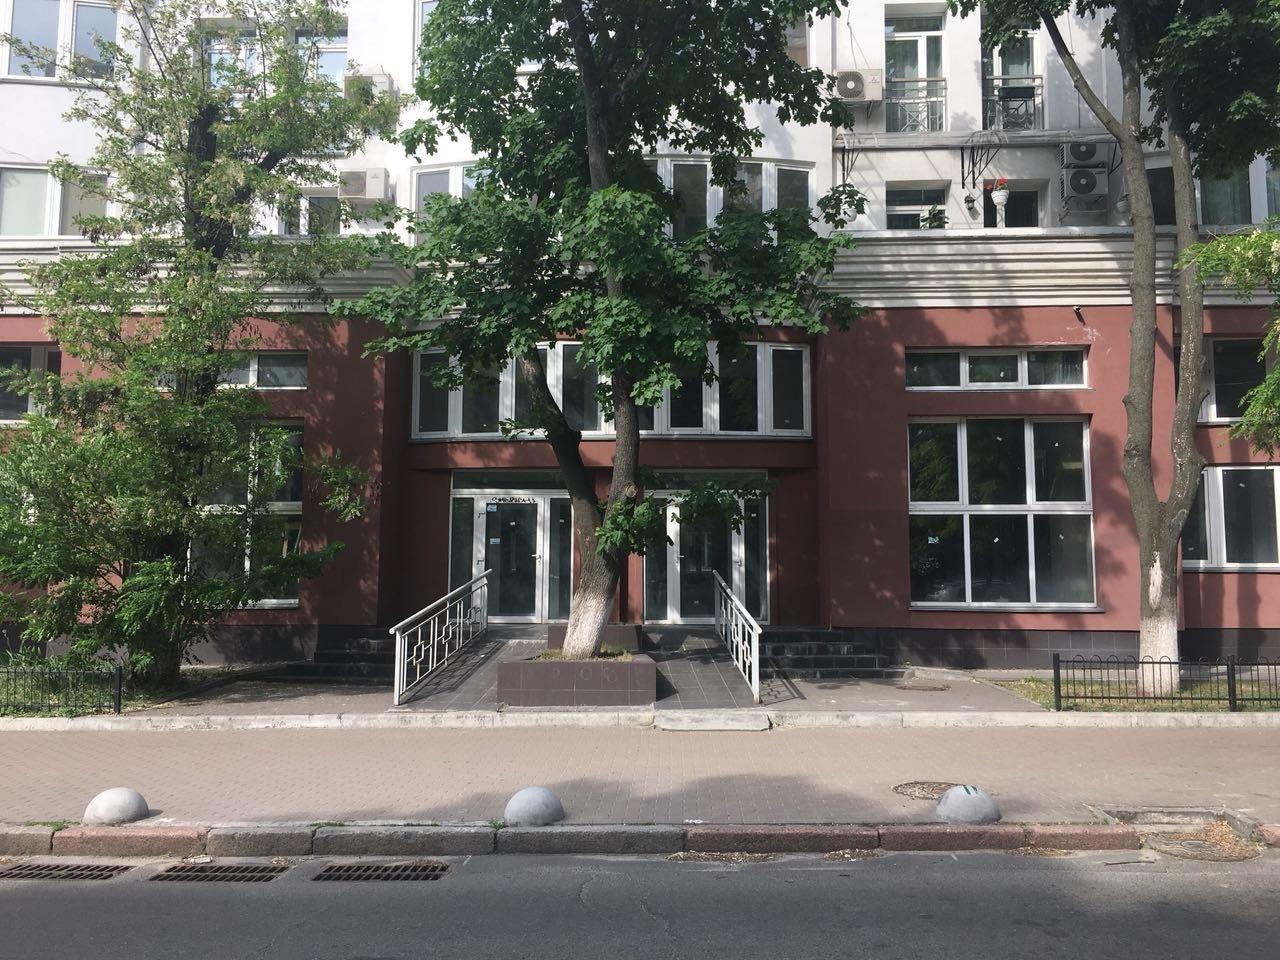 Фонд братьев Кузьминых вскоре откроет третий реабилитационный центр для раненых, - ФОТО, фото-10